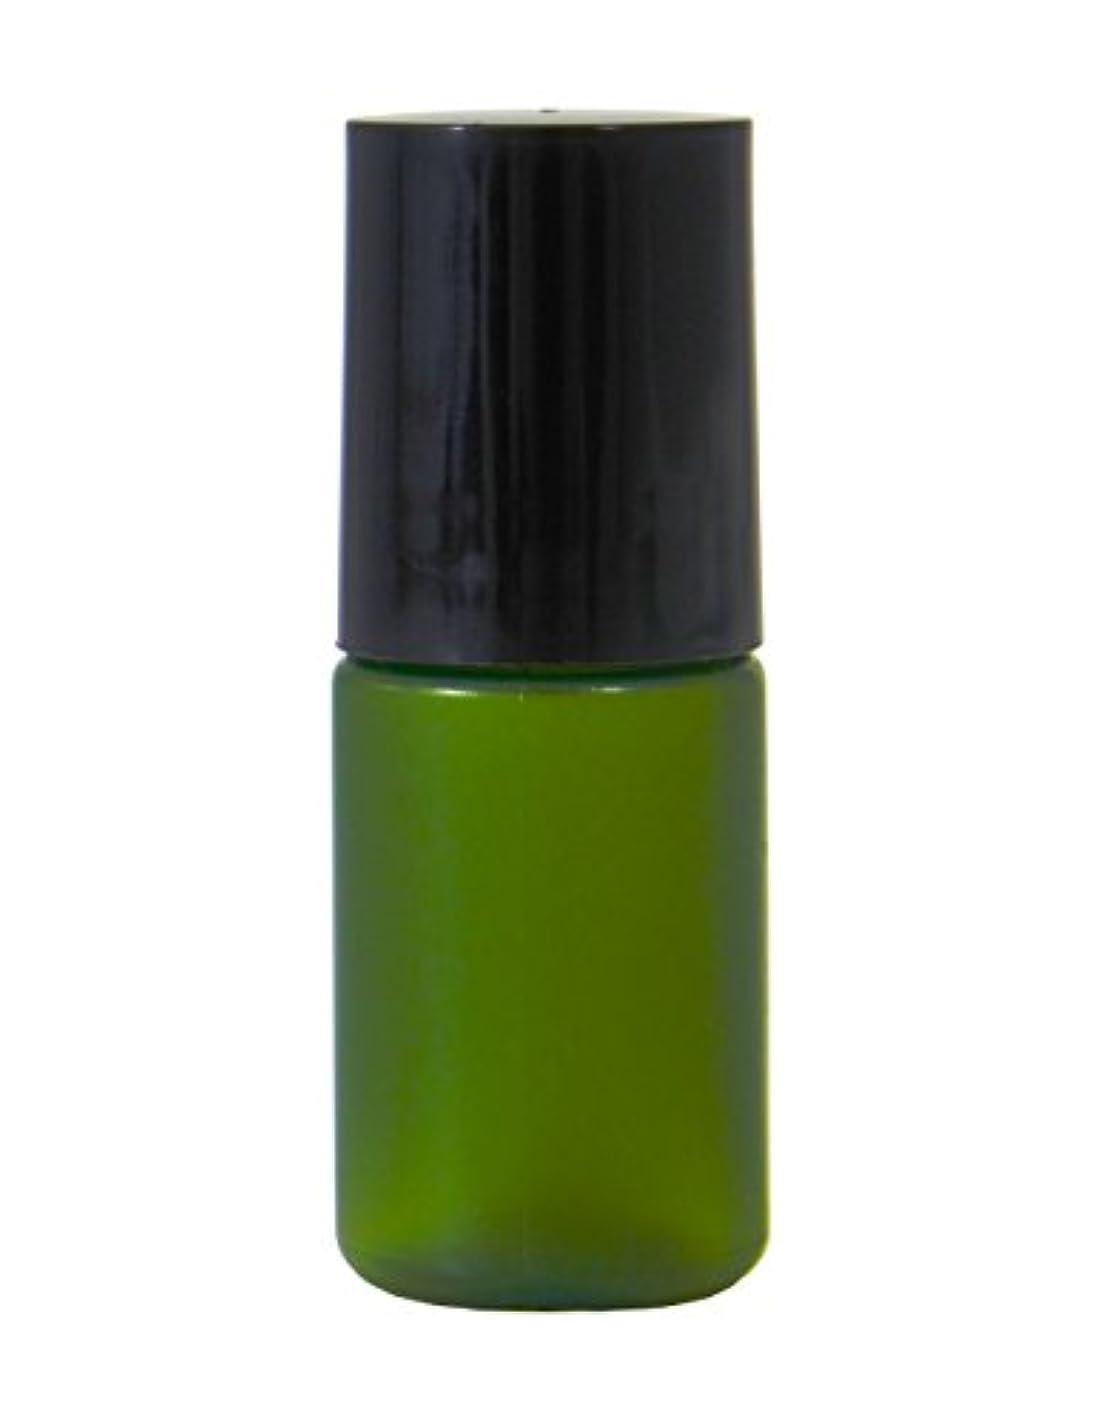 株式民兵命令ミニボトル容器 化粧品容器 グリーン 5ml 100個セット